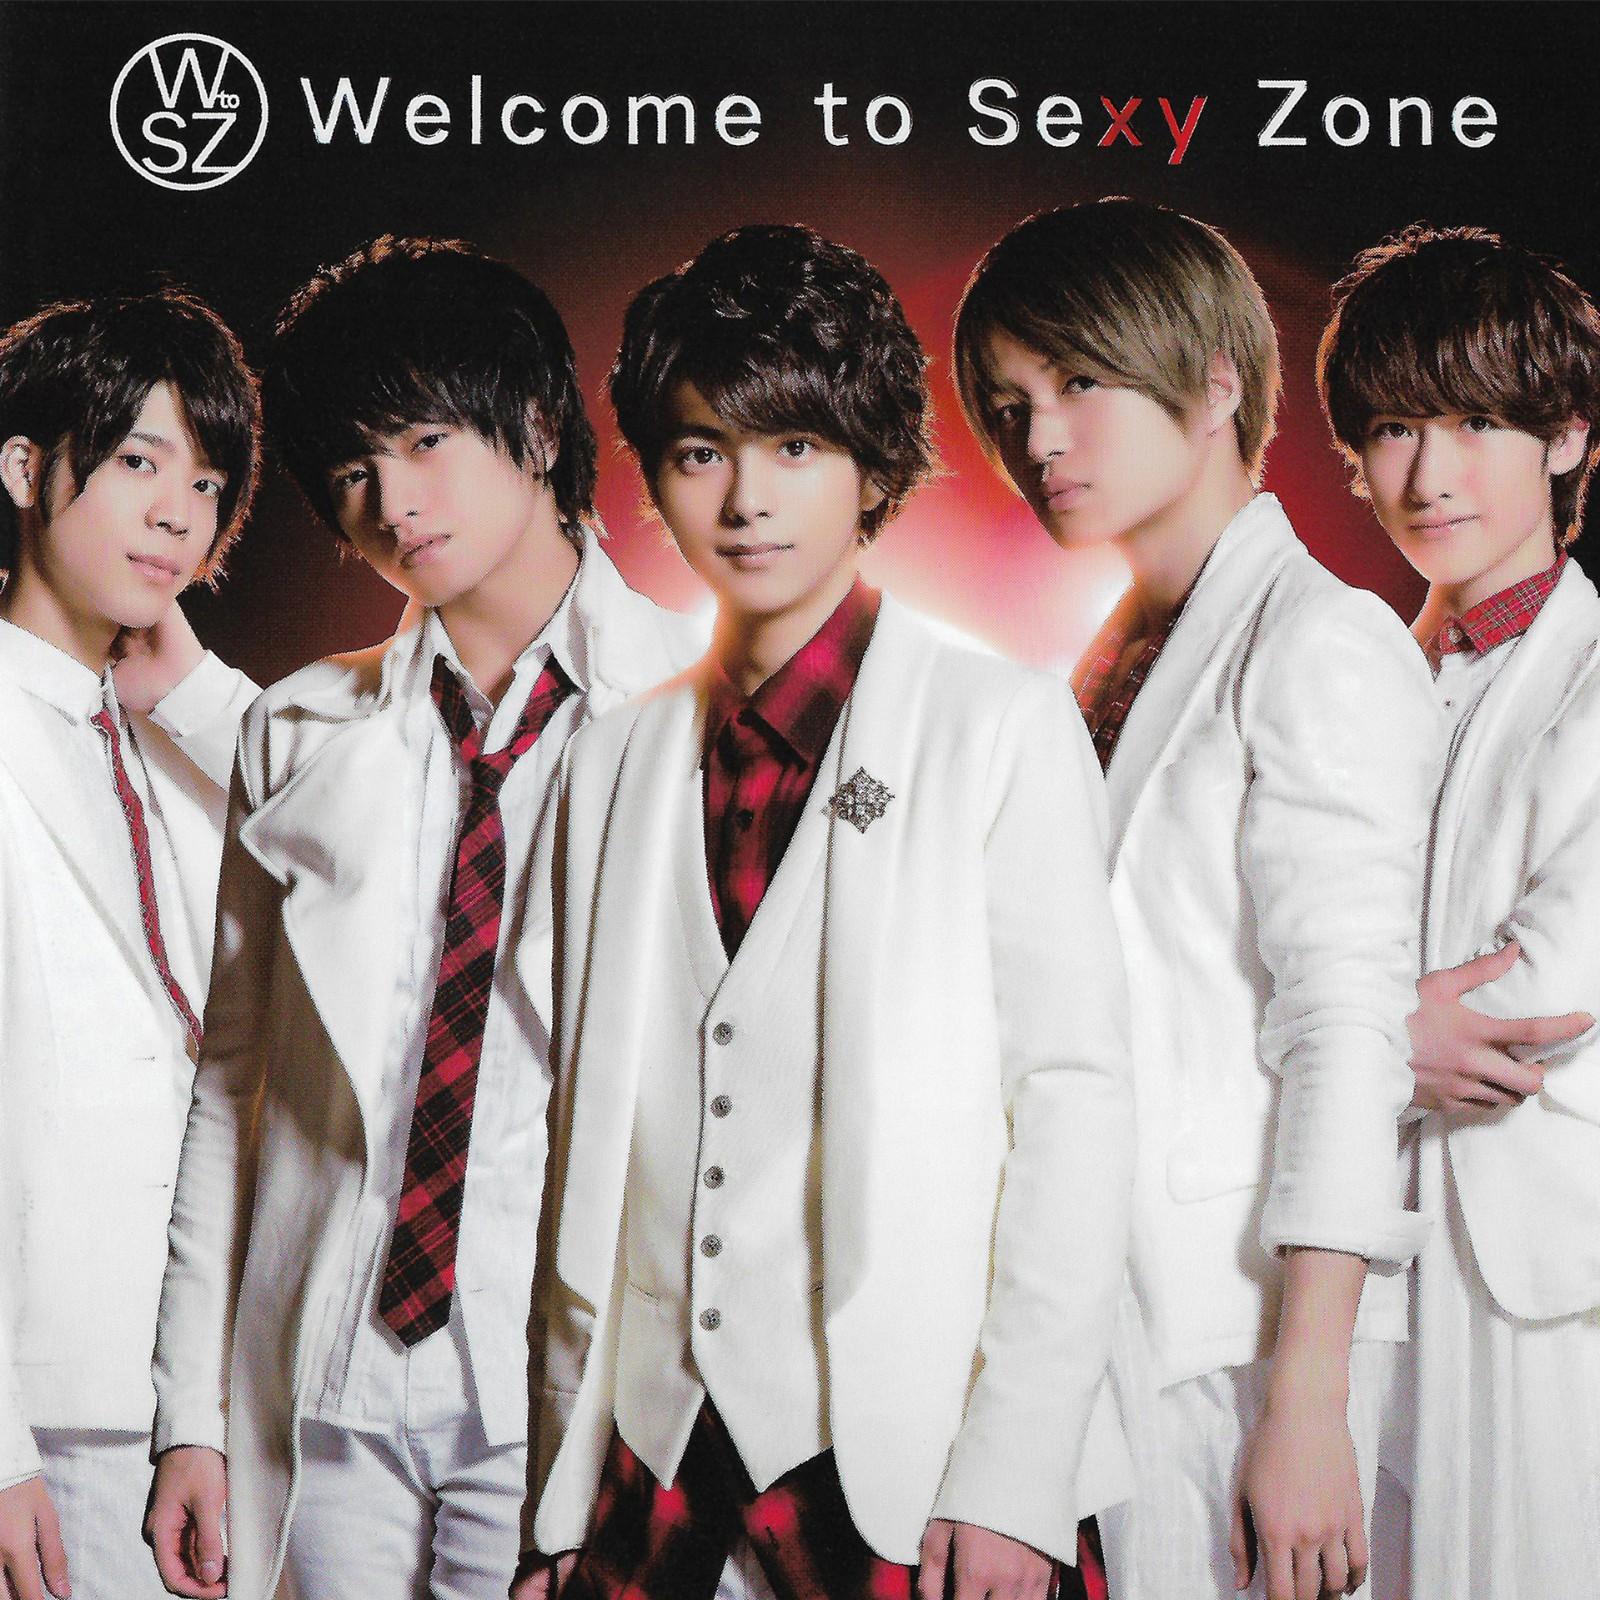 该专辑除了收录了单曲《Cha - Cha - Cha冠军》和《 Eyes》外,中岛、菊池、佐藤3人的SOLO曲和成员小组合作曲等也被收录。Sexy Zone是日本Johnnys事务所于2011年推出的5人男子偶像团体,成员有佐藤胜利,中岛健人,菊池风磨,松岛聪,MARIUSU叶.